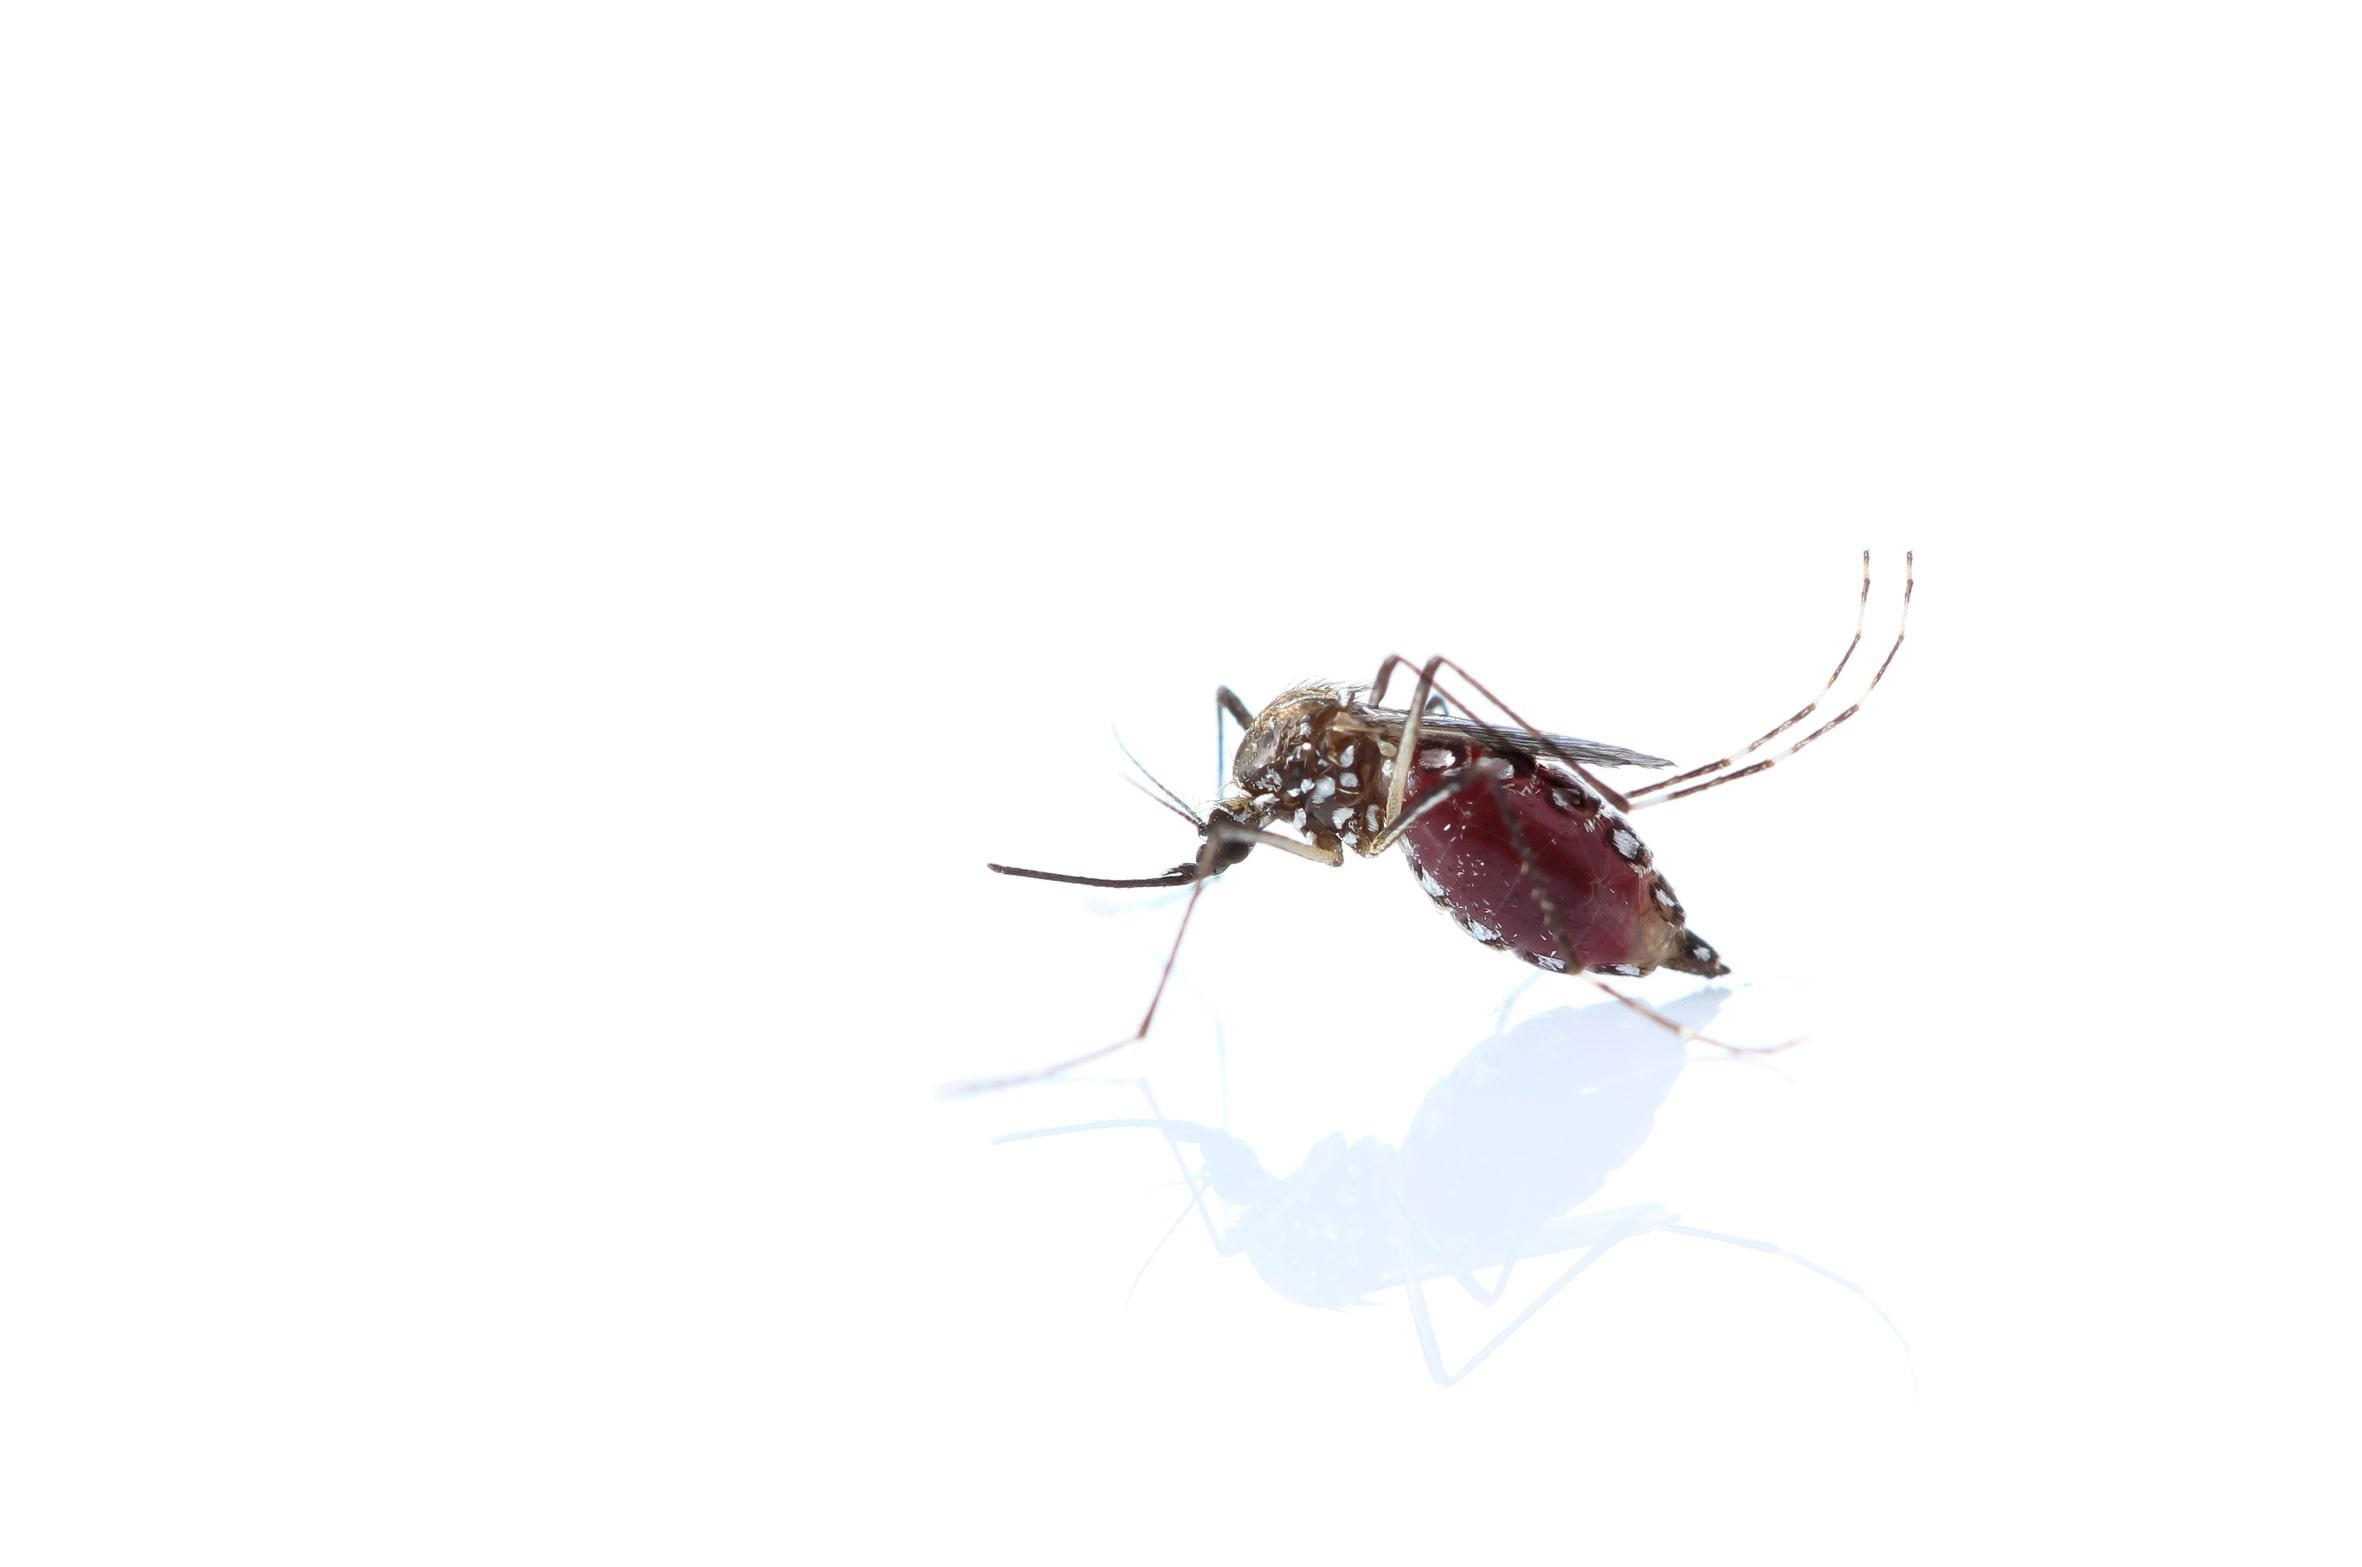 mosquito-chikunguya